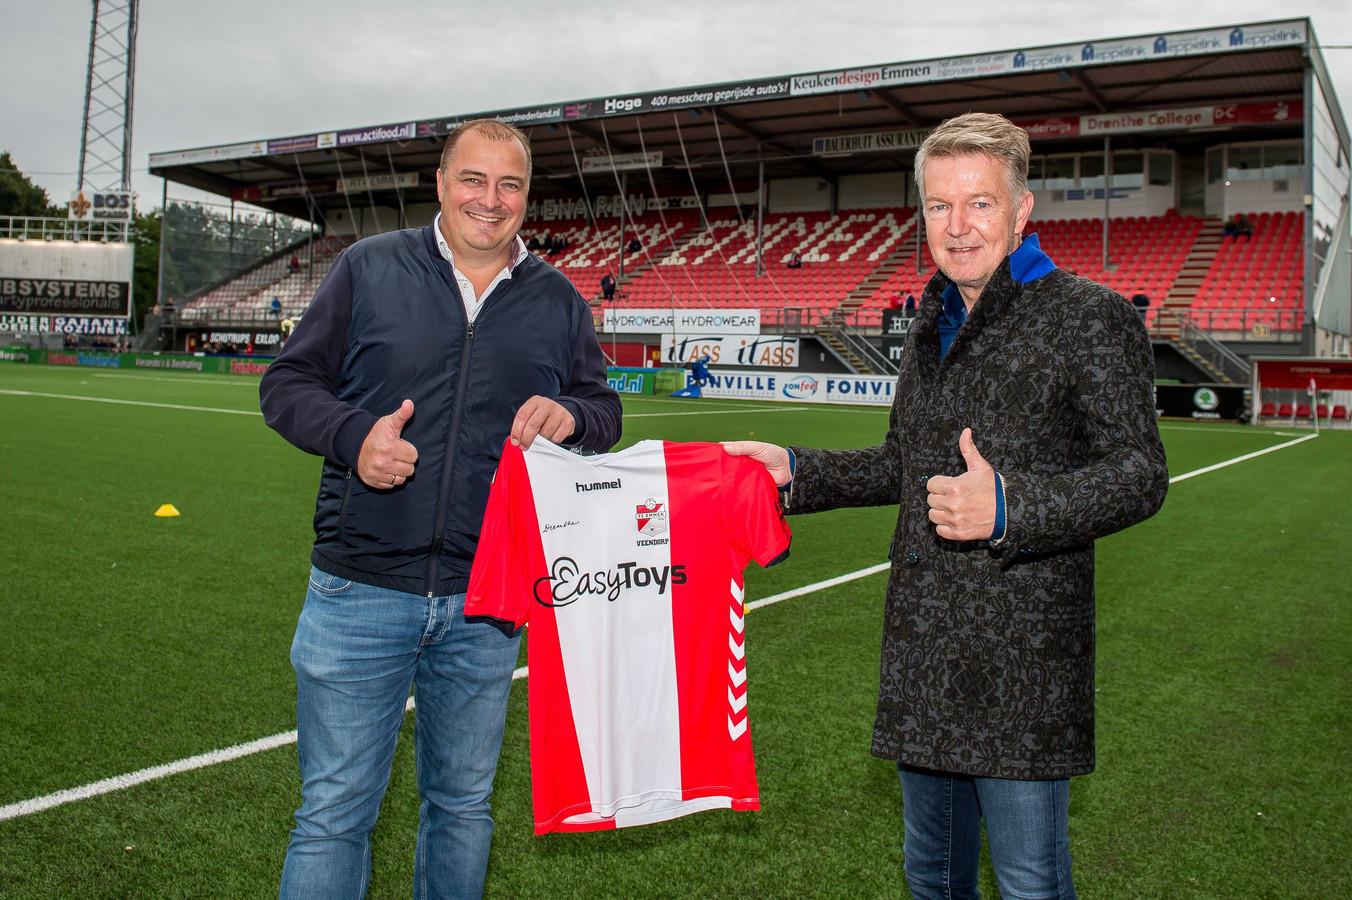 EasyToys kreeg landelijke aandacht door het shirtsponsorschap bij FC Emmen.